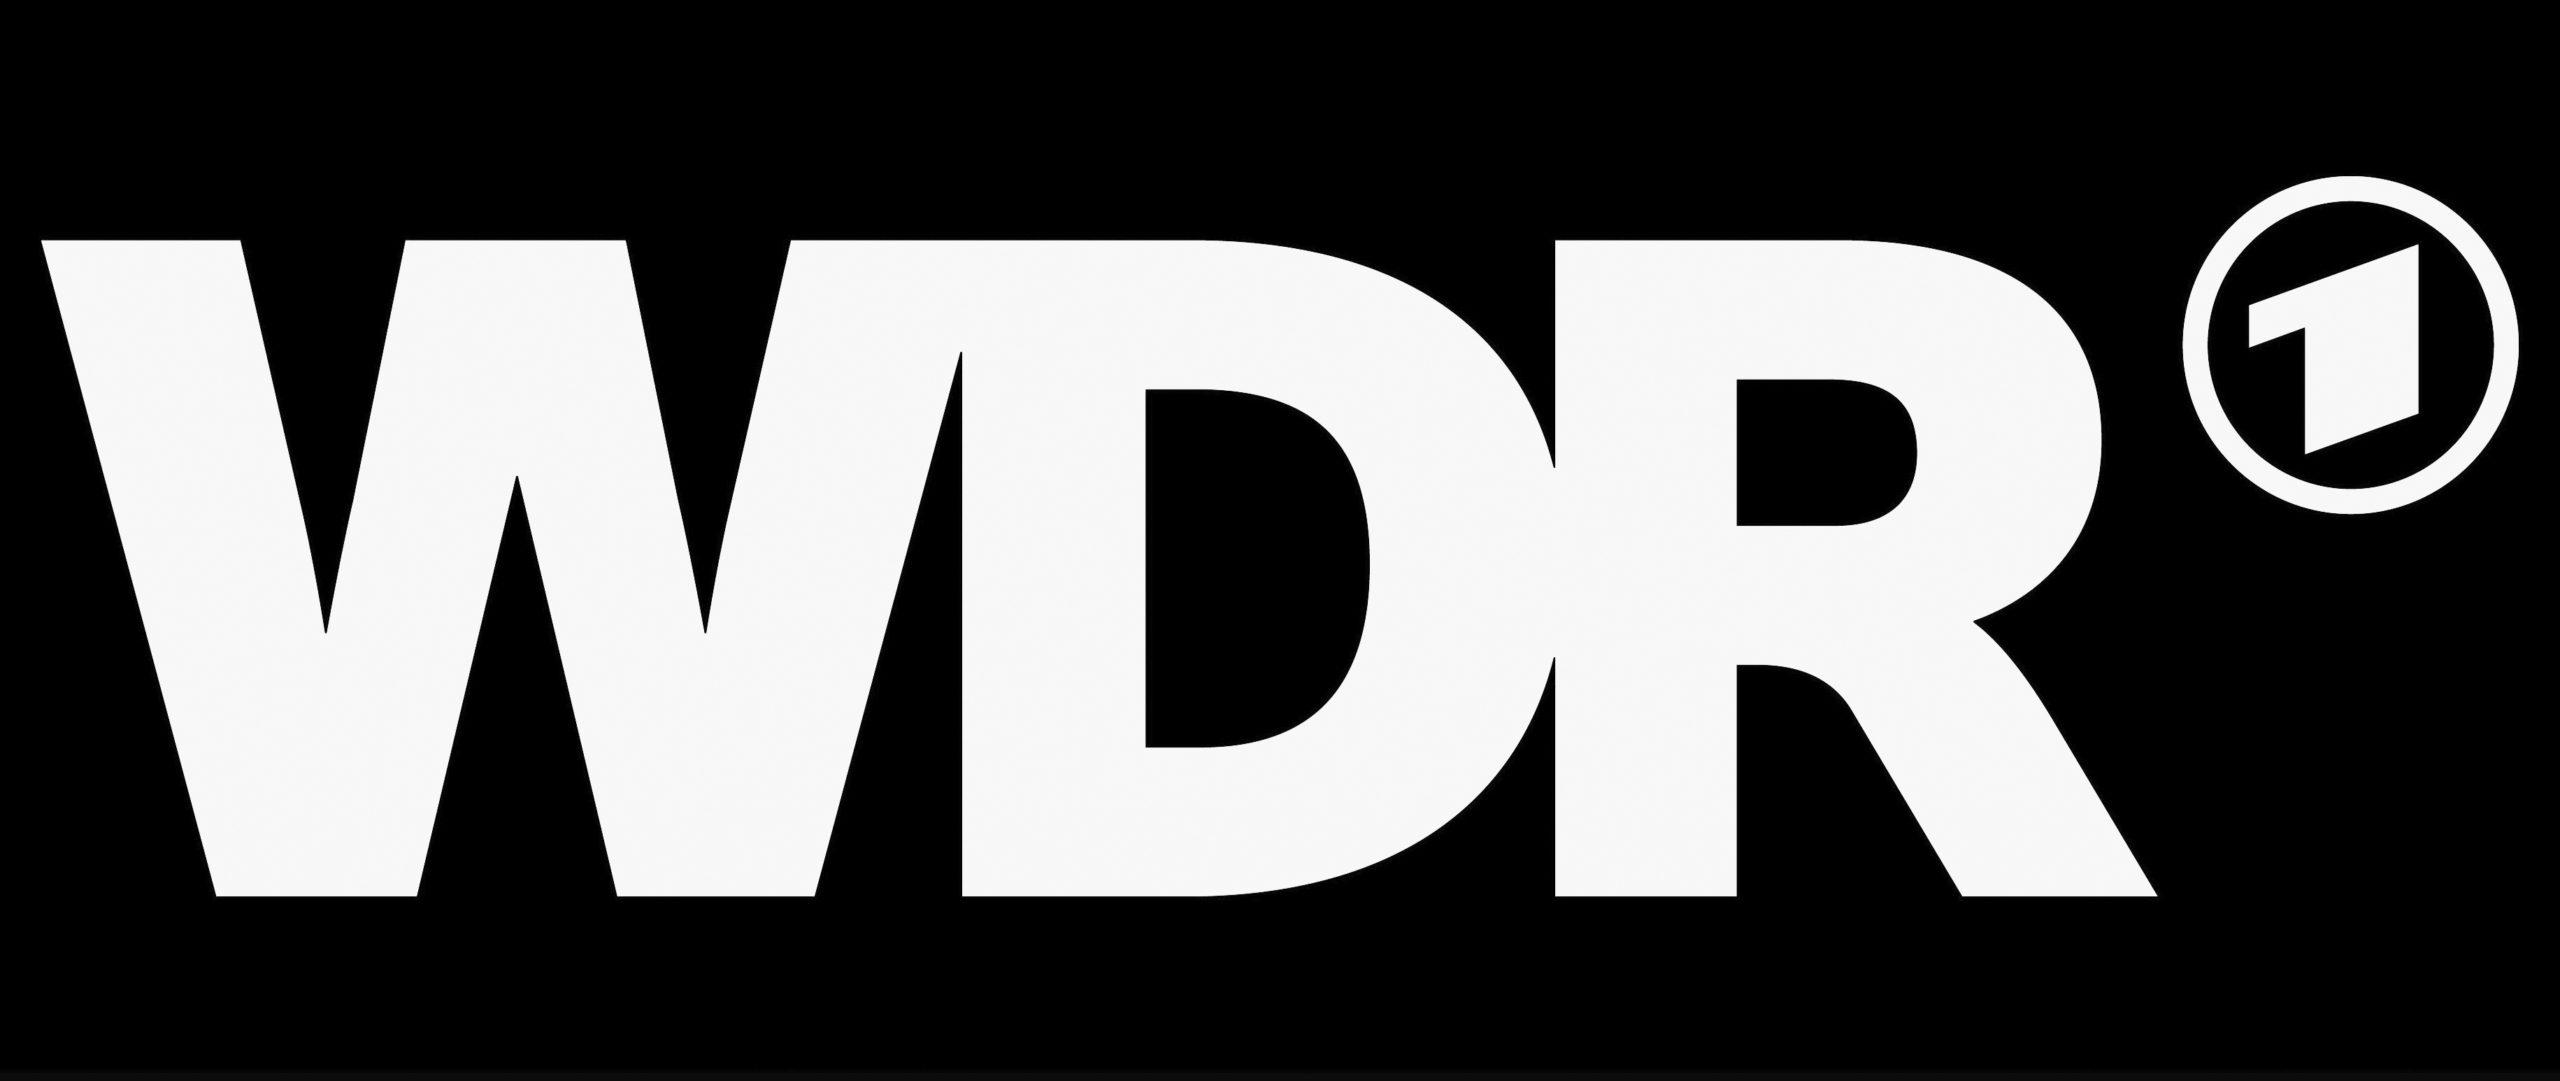 WESTDEUTSCHER RUNDFUNK KÖLN Dachmarke des Senders © WDR, honorarfrei - Verwendung gemäß der AGB im Rahmen einer engen, unternehmensbezogenen Berichterstattung im WDR-Zusammenhang bei Nennung